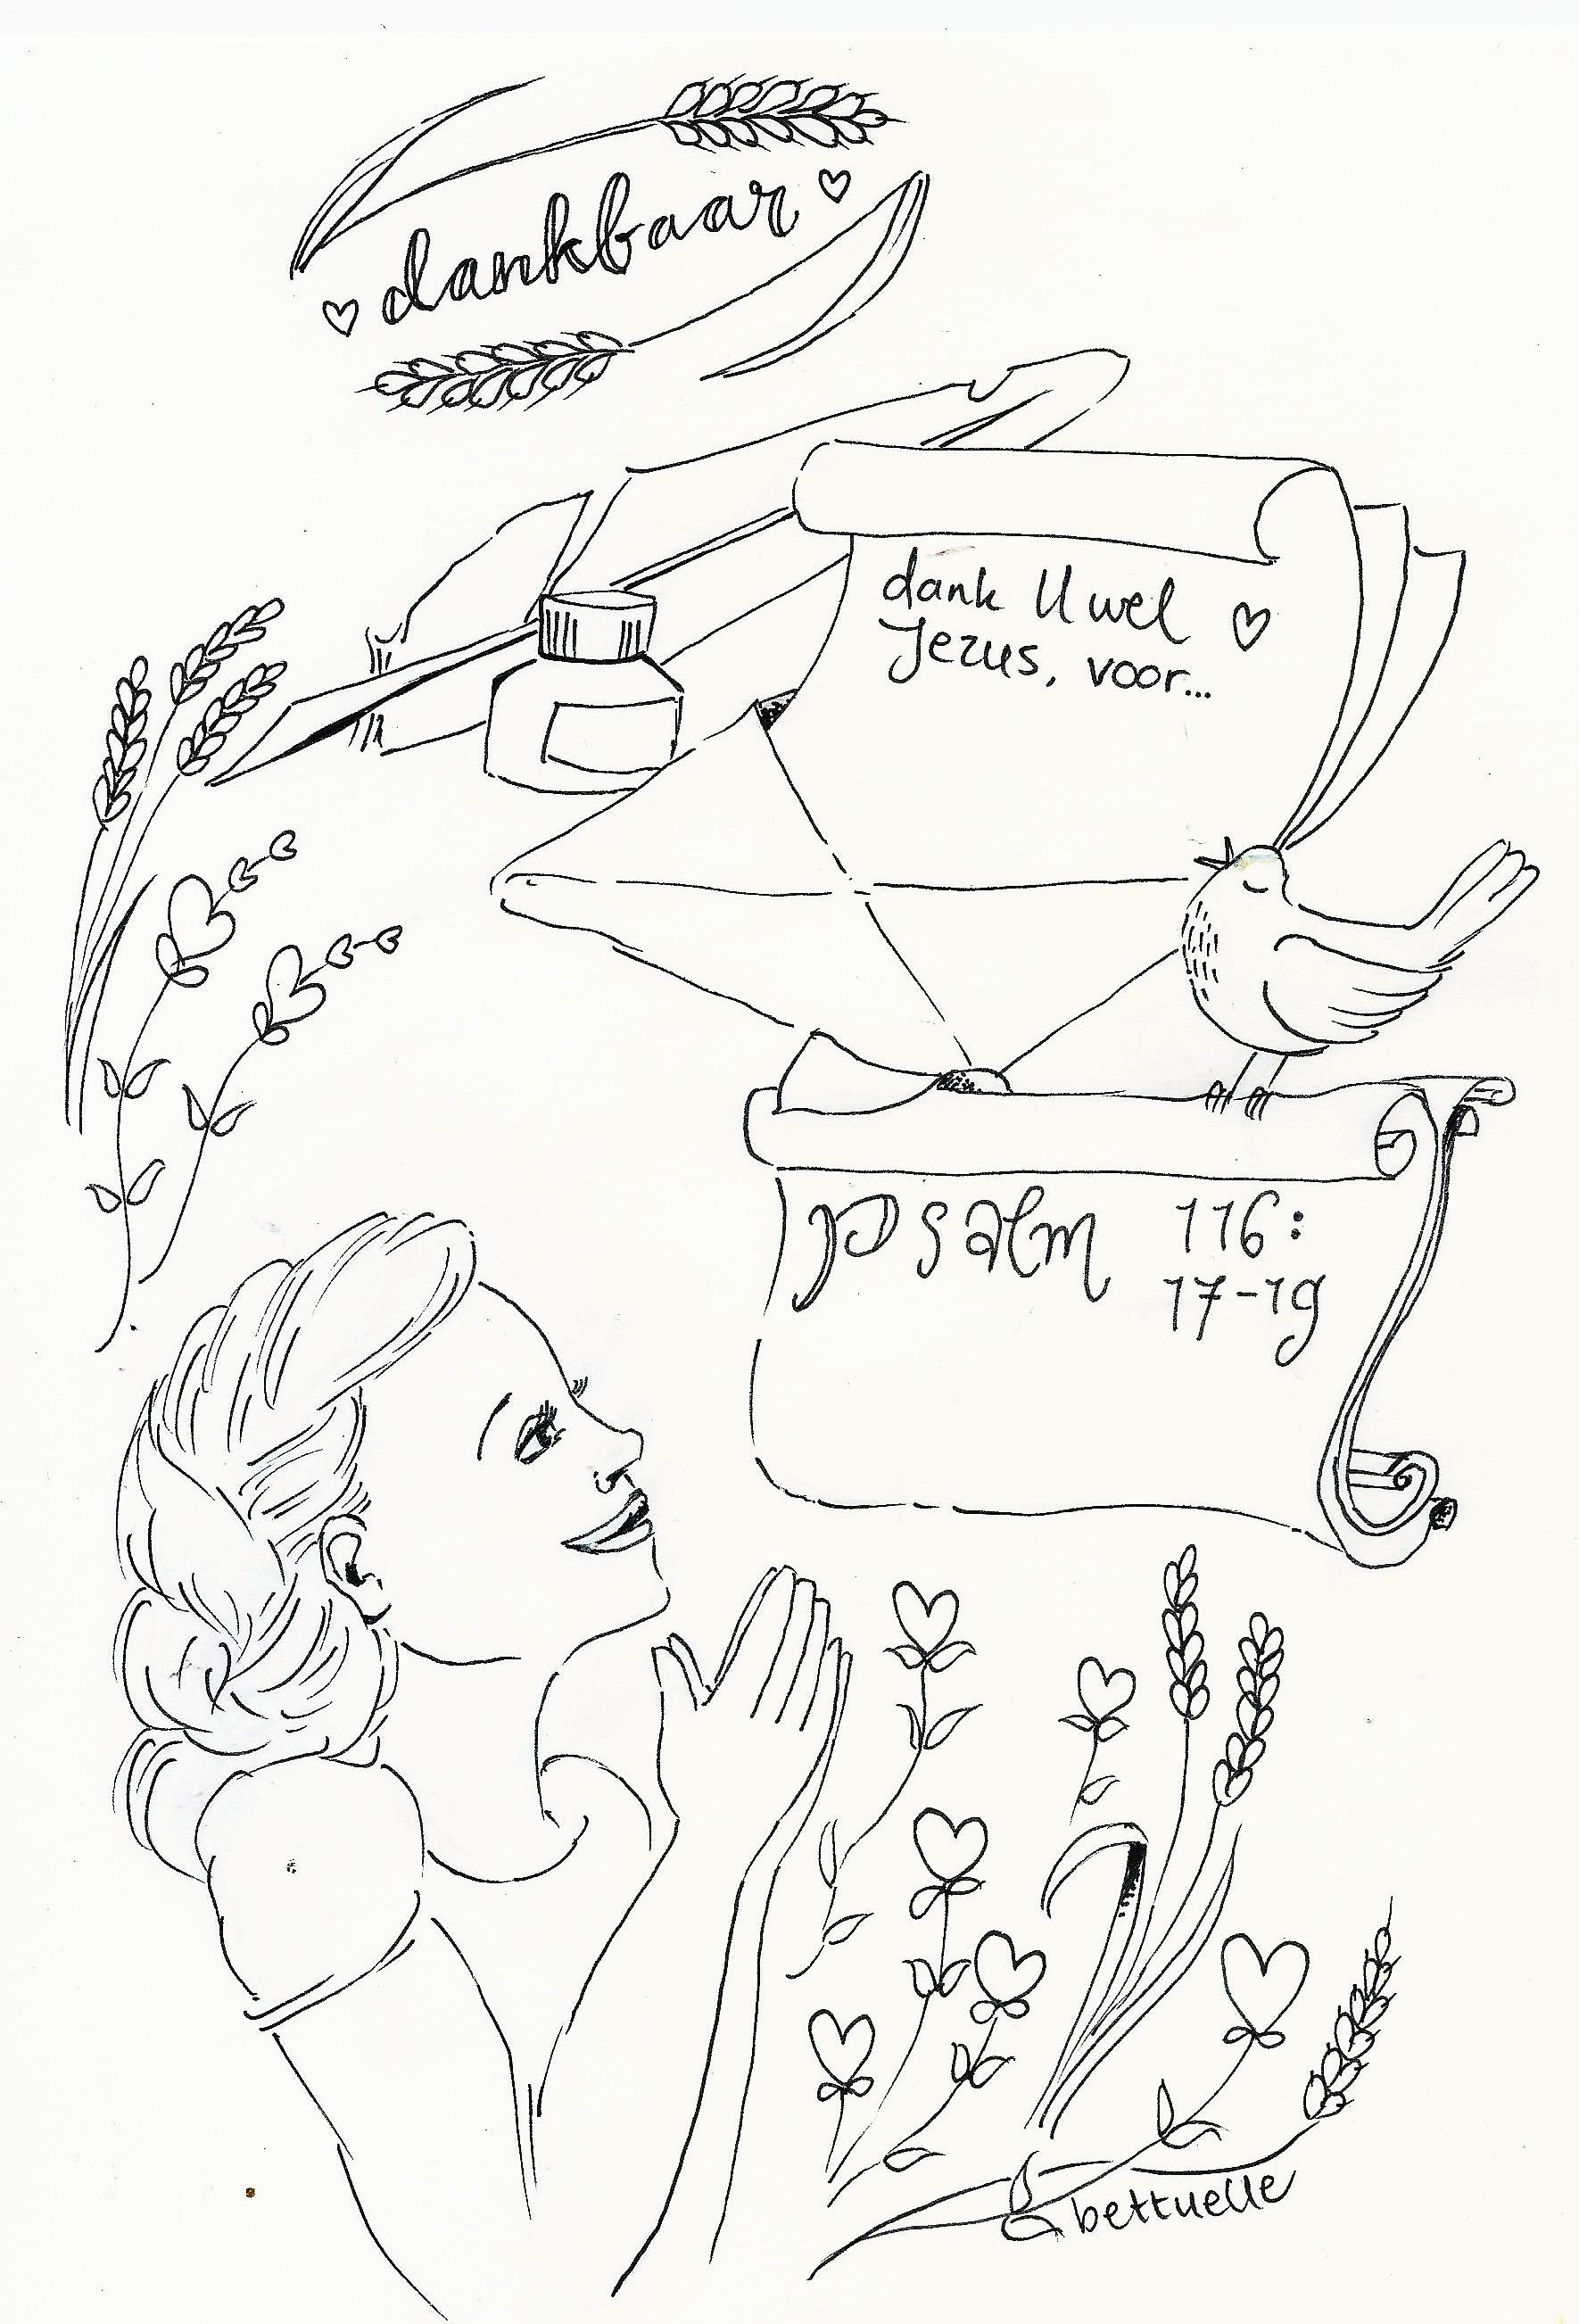 Top Dag 1 - Dankbaarheid - Bettuelle.nl #OW25